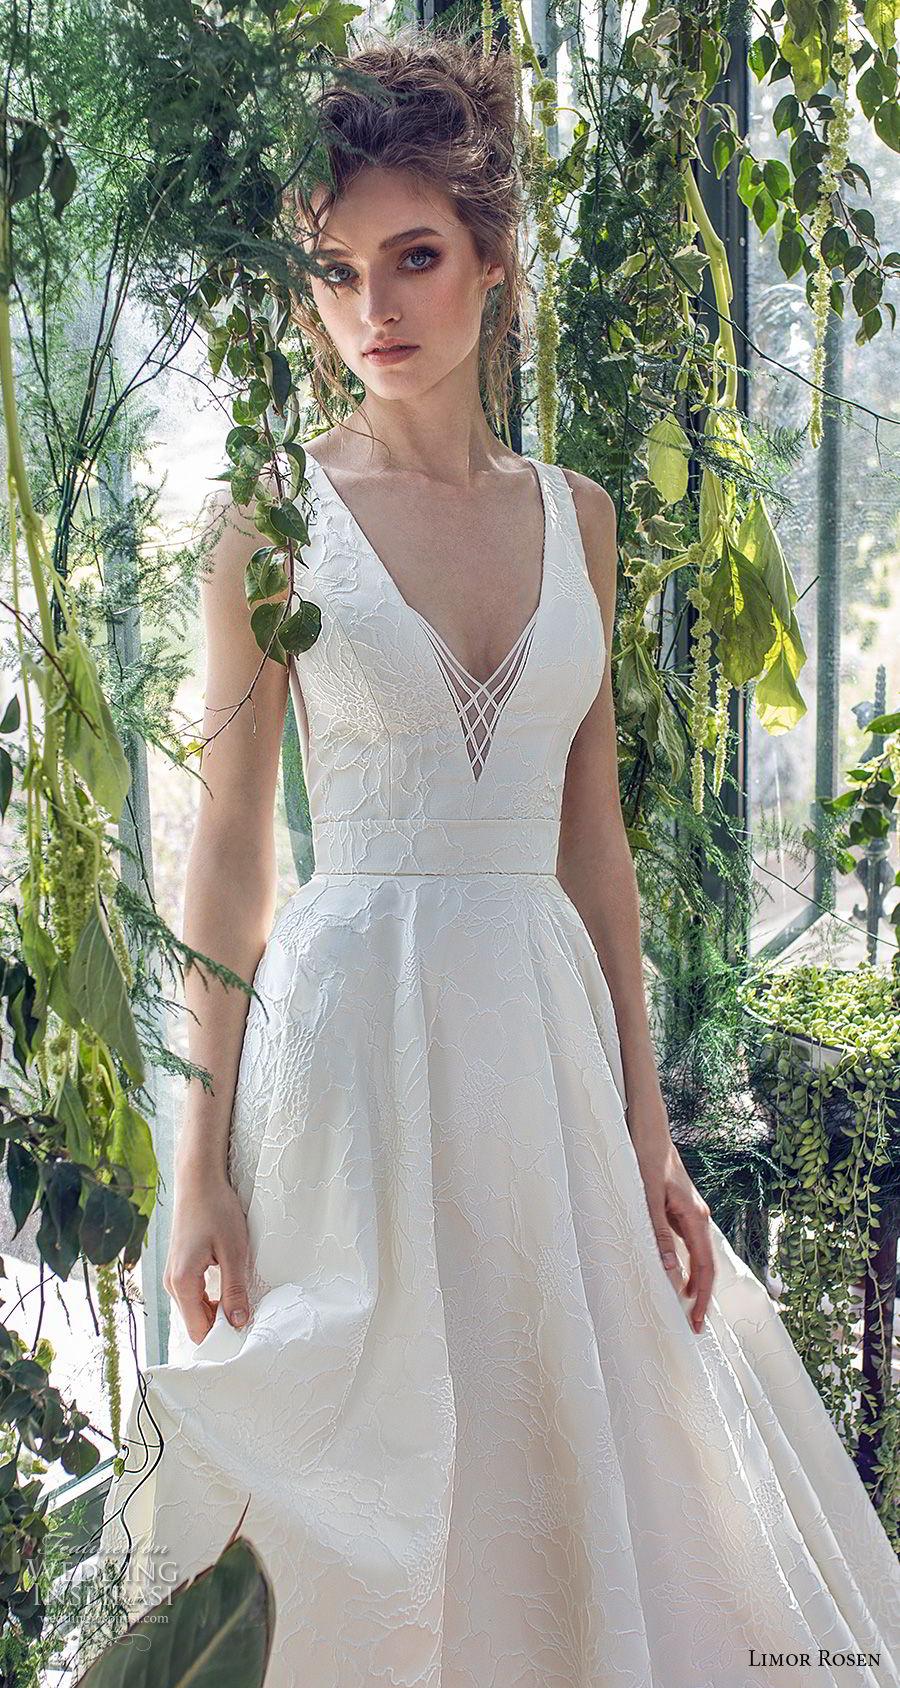 limor rosen 2019 xo bridal sleeveless with strap deep v neck light embellishment romantic a  line wedding dress open back sweep train (2) zv